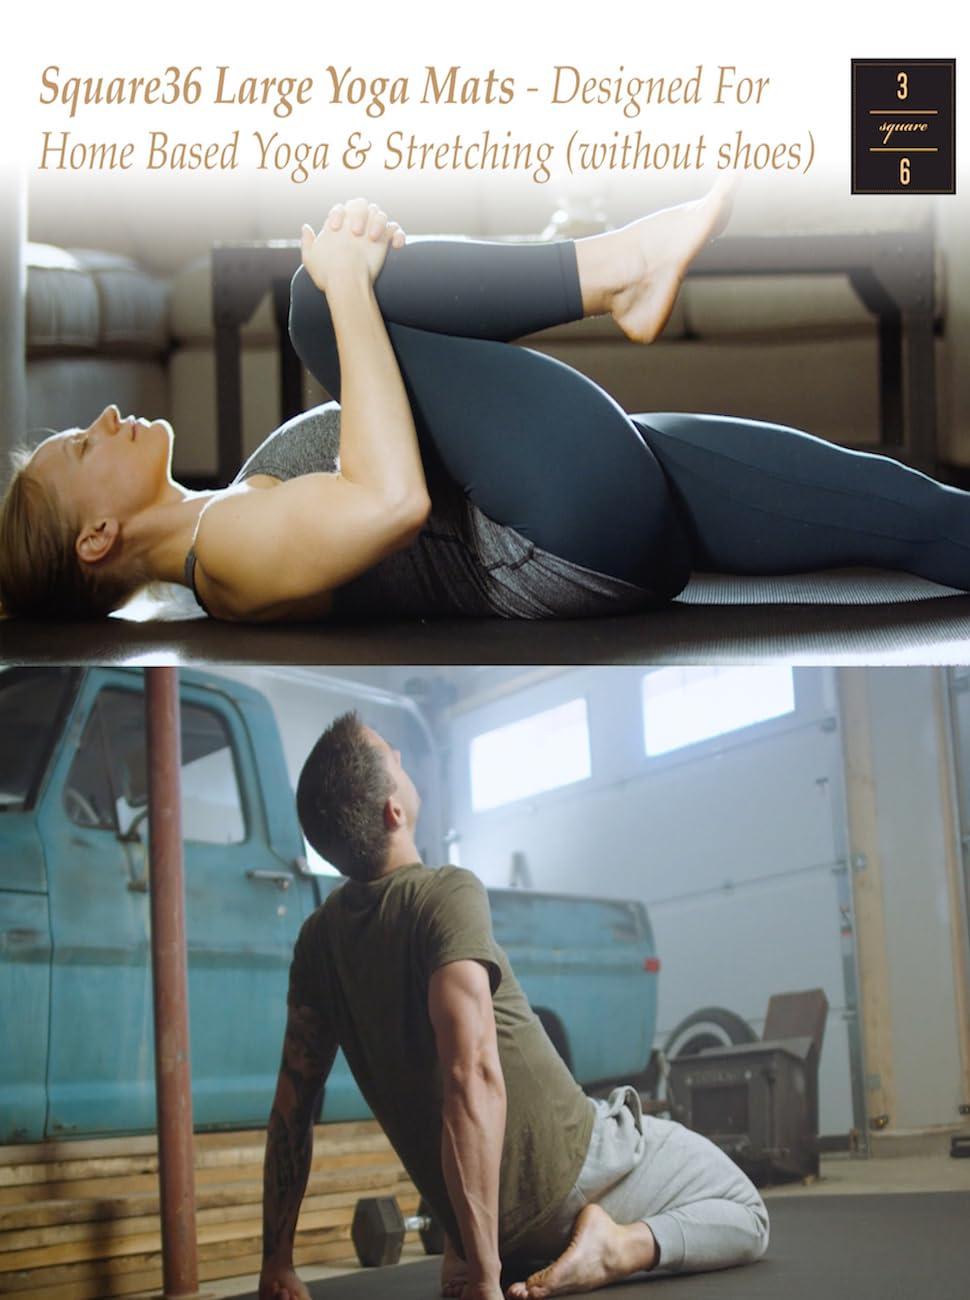 Square36 Large Yoga Mat